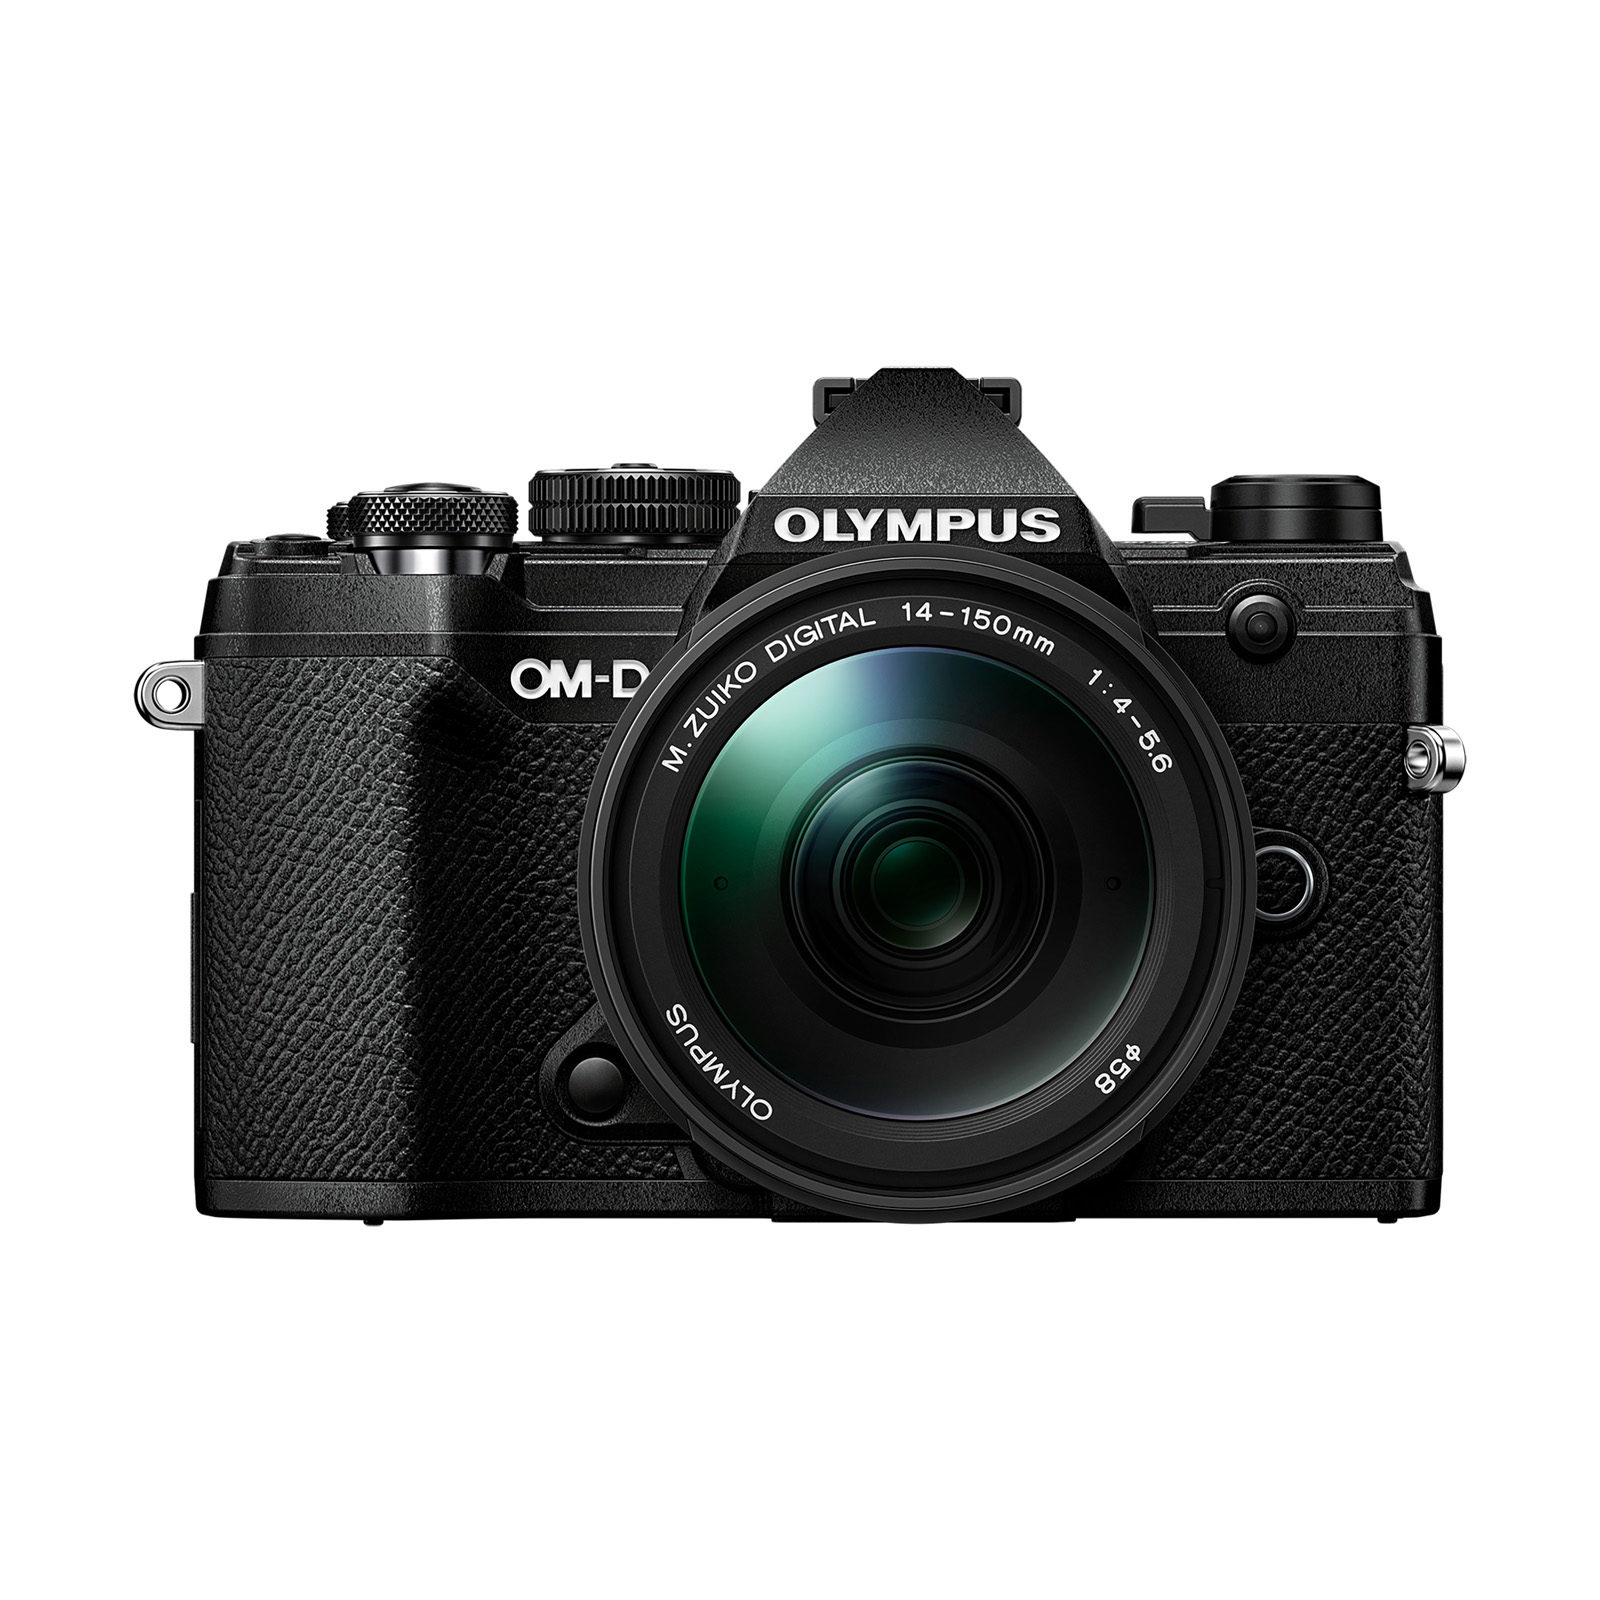 Olympus OM-D E-M5 Mark III systeemcamera Zwart + 14-150mm <br/>€ 1429.00 <br/> <a href='https://www.cameranu.nl/fotografie/?tt=12190_474631_241358_&r=https%3A%2F%2Fwww.cameranu.nl%2Fnl%2Fp3130142%2Folympus-om-d-e-m5-mark-iii-systeemcamera-zwart-14-150mm%3Fchannable%3De10841.MzEzMDE0Mg%26utm_campaign%3D%26utm_content%3DOM-D%2Bserie%26utm_source%3DTradetracker%26utm_medium%3Dcpc%26utm_term%3DDigitale%2Bcamera%26apos%3Bs' target='_blank'>naar de winkel</a>